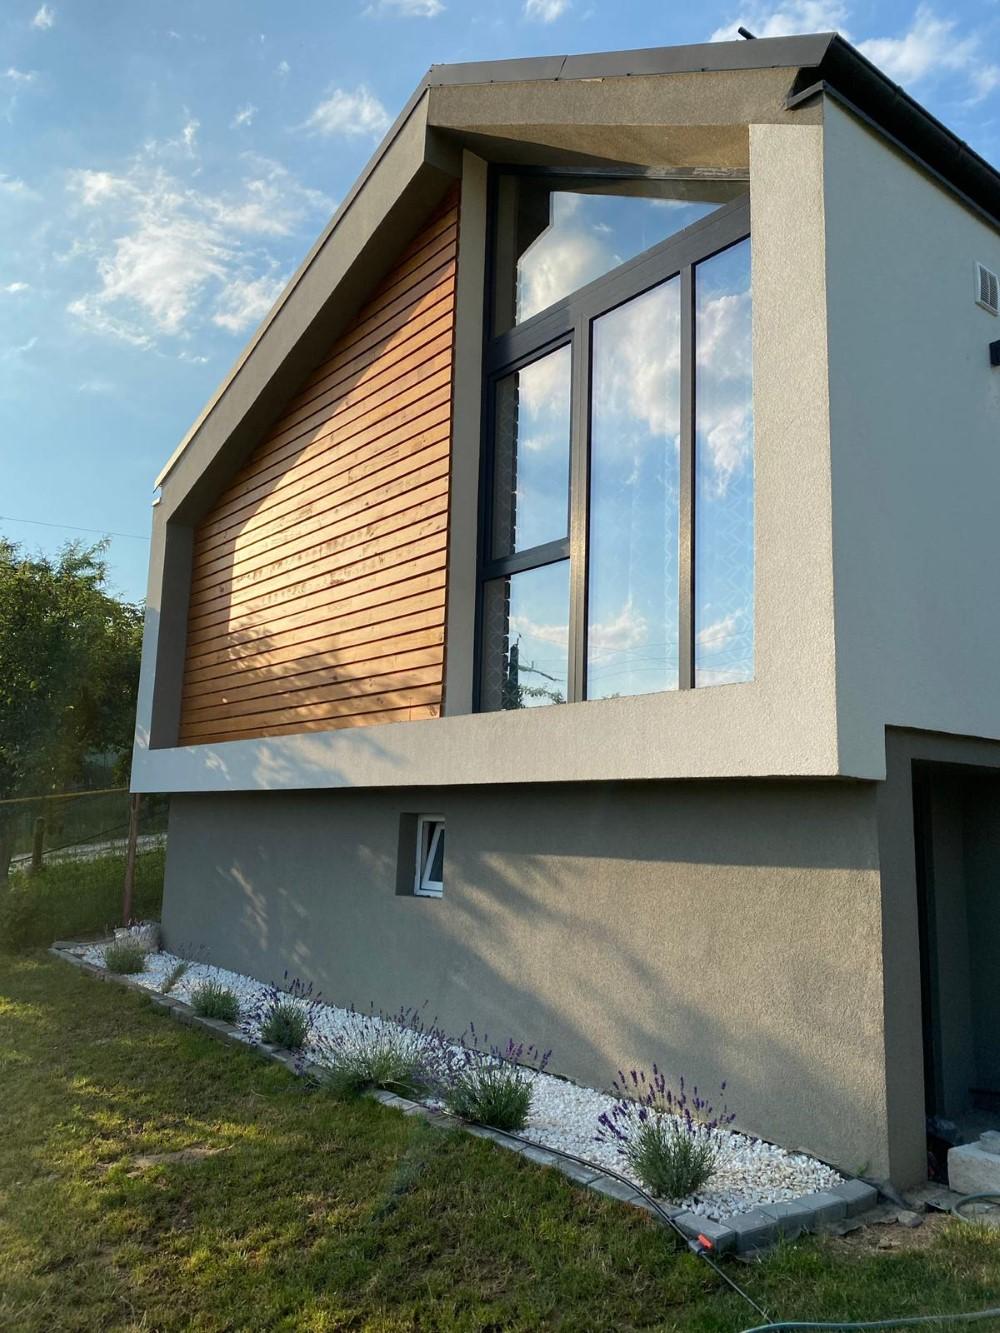 Costul final al casei, cu autorizații, mobilă, terasă a fost de 40.000 de euro